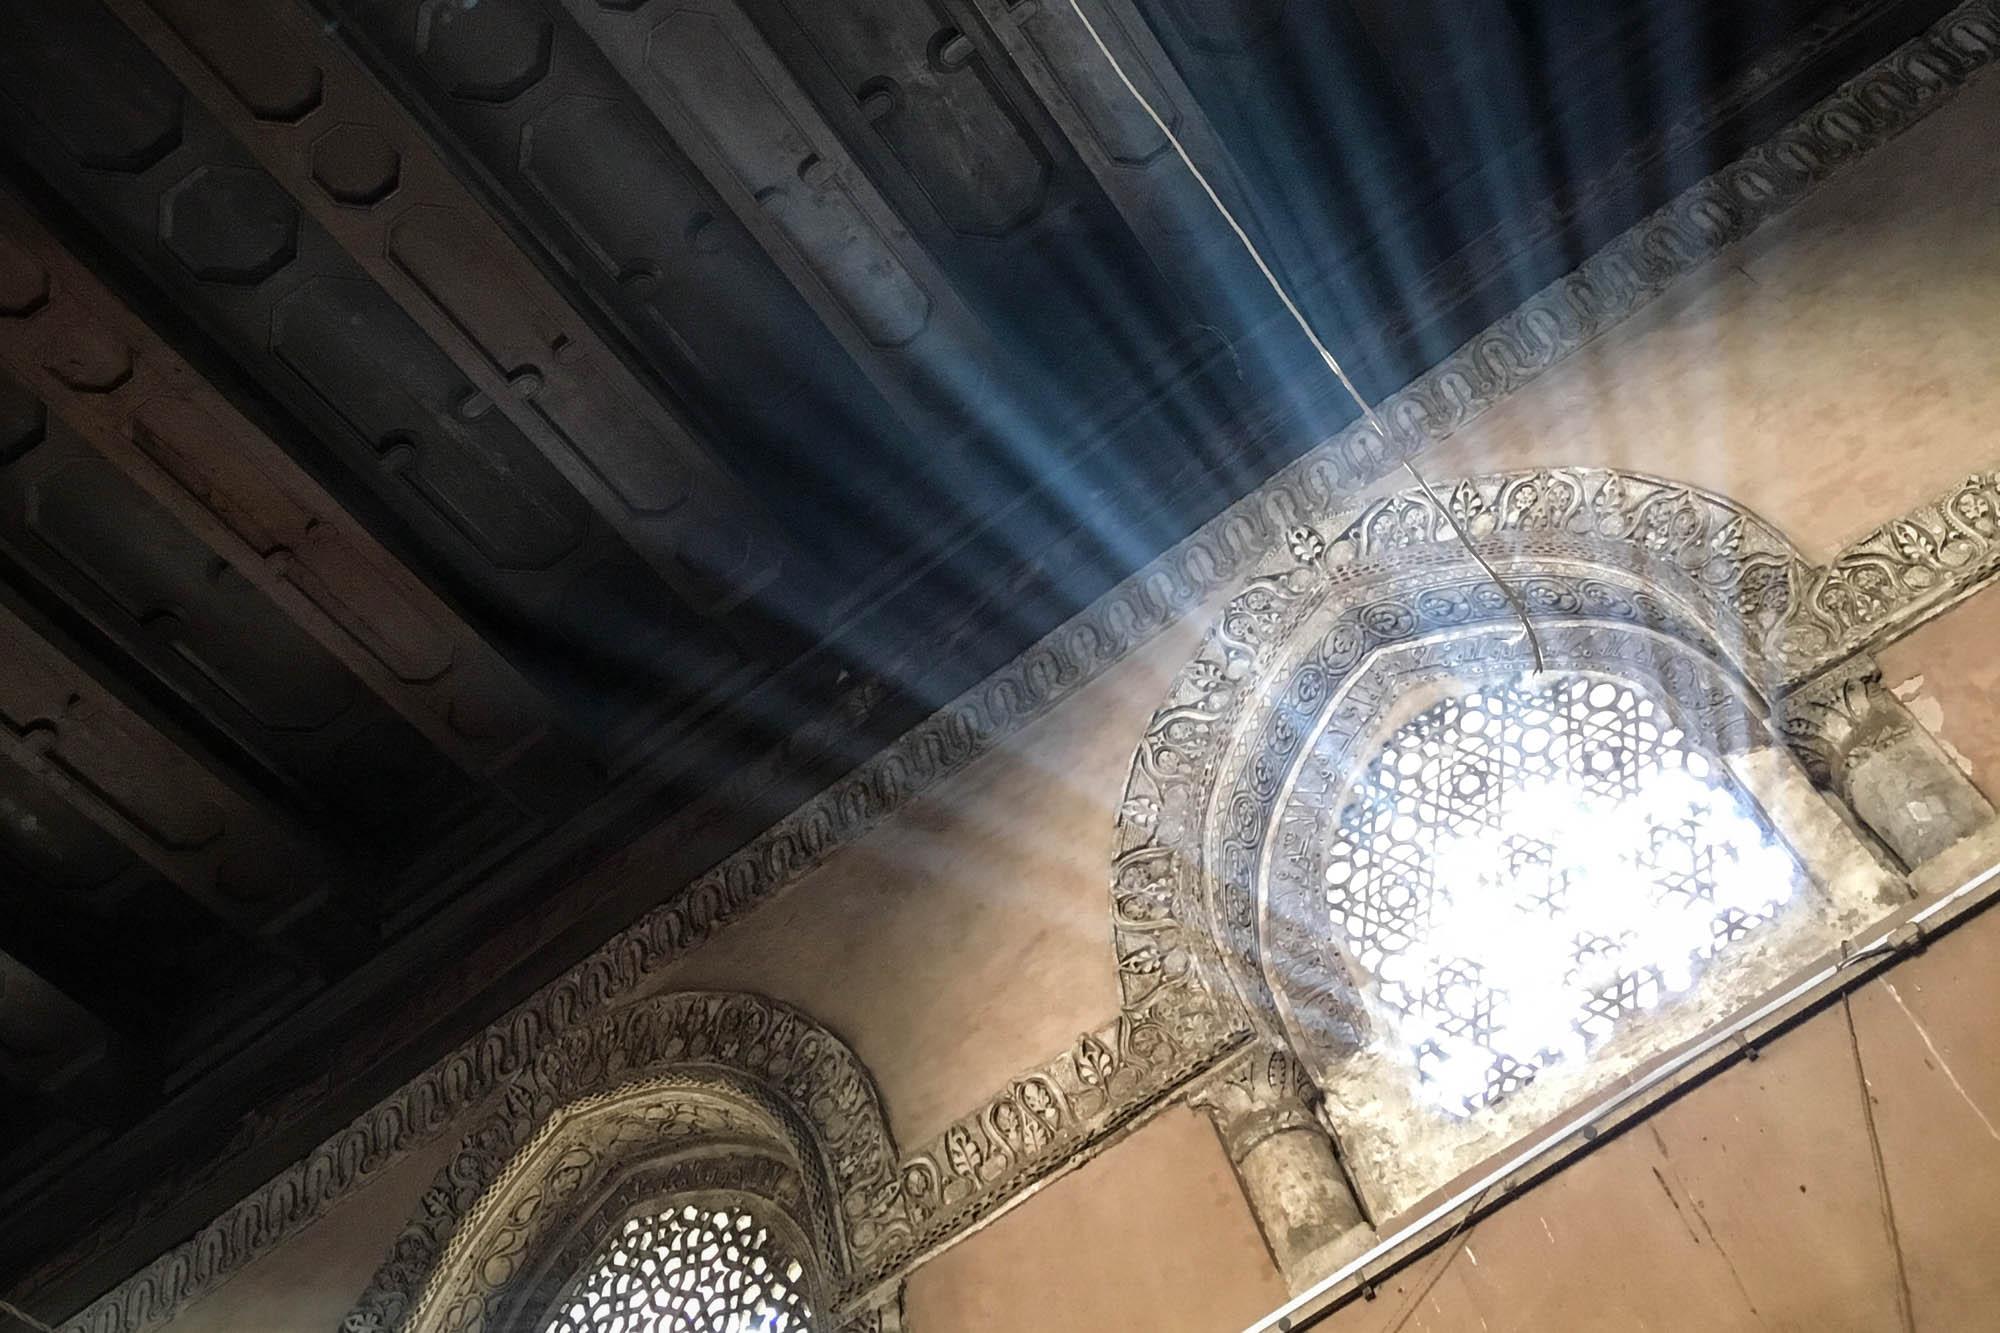 Am Vormittag strahlt die Sonne durch die reich verzierten Fenster auf der nach Mekka ausgerichteten Seite der Ibn-Tulun Moschee in Kairo. Foto: Lothar Ruttner